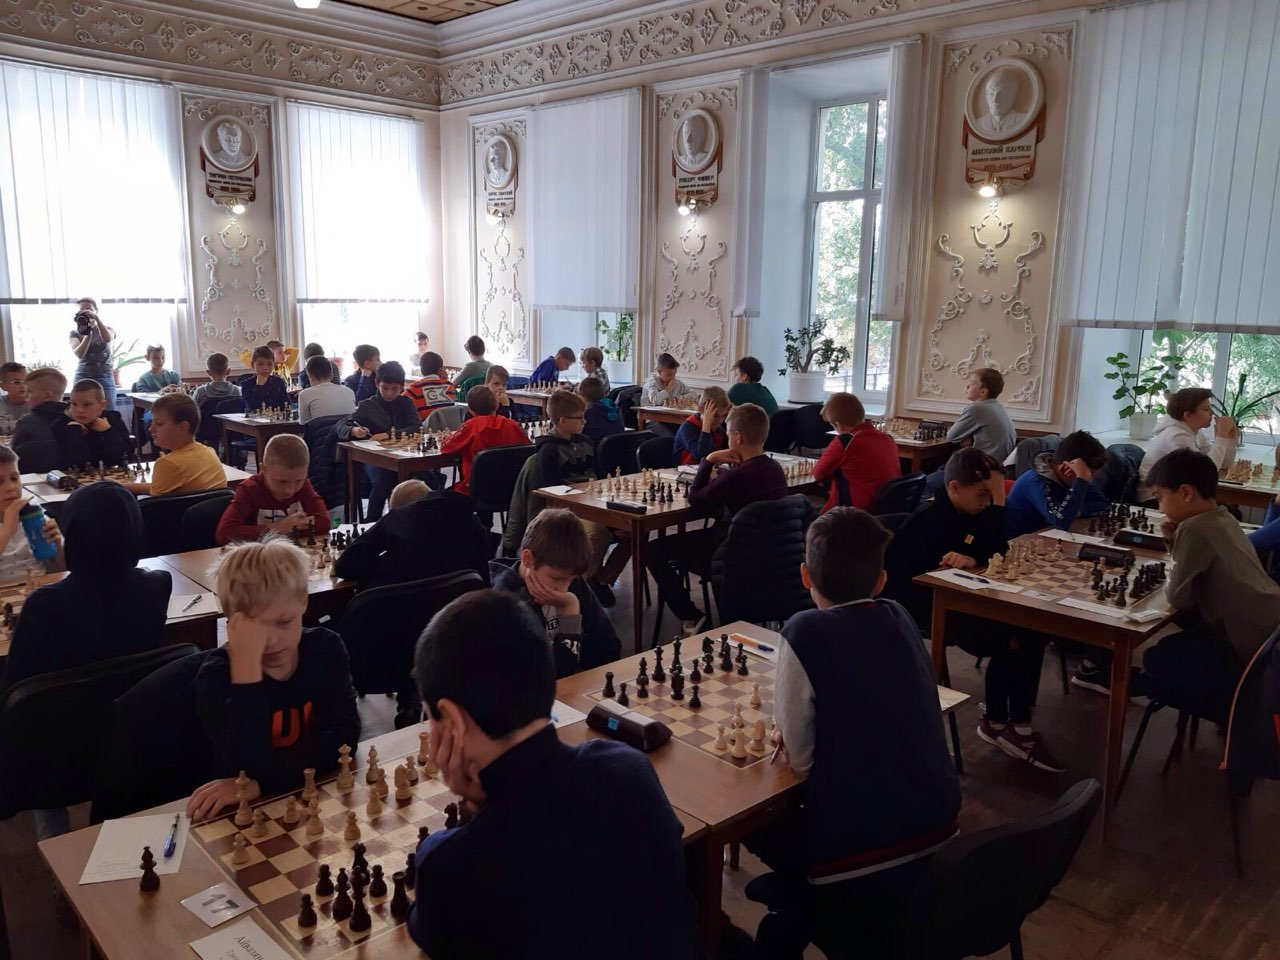 В Кривом Роге определили лучших шахматистов, - ФОТО, фото-2